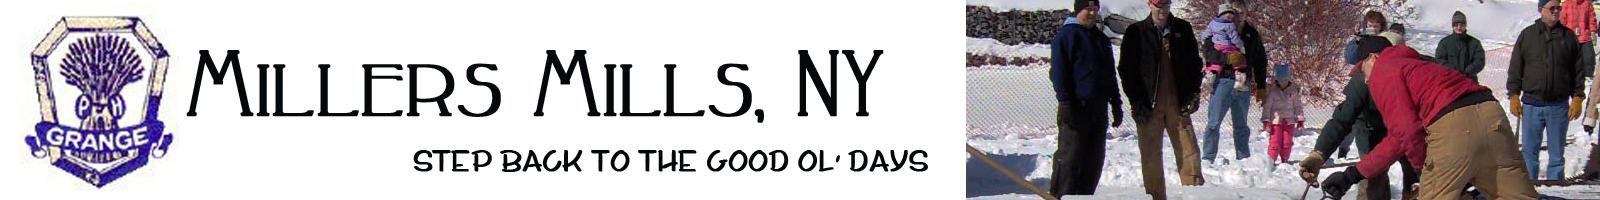 Visit Miller Mills, NY